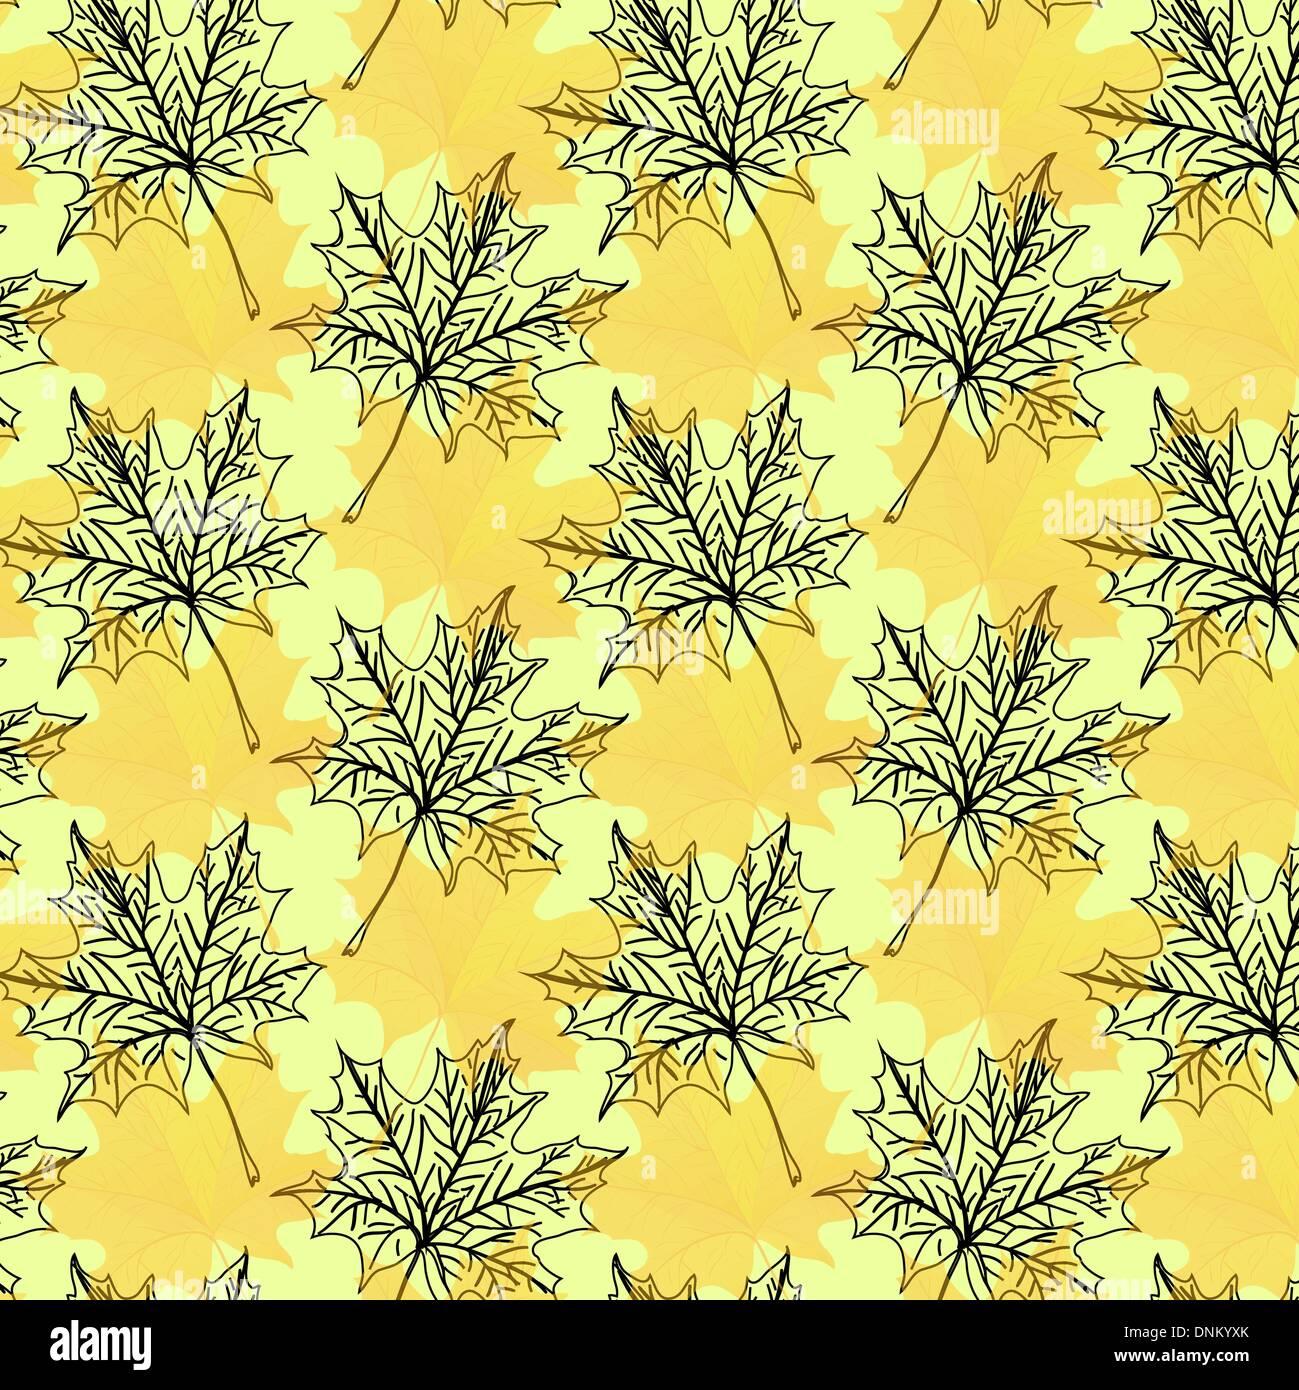 Nahtlose Tapetenmuster aus abstrakten glatte Formen, Vektor Stockbild